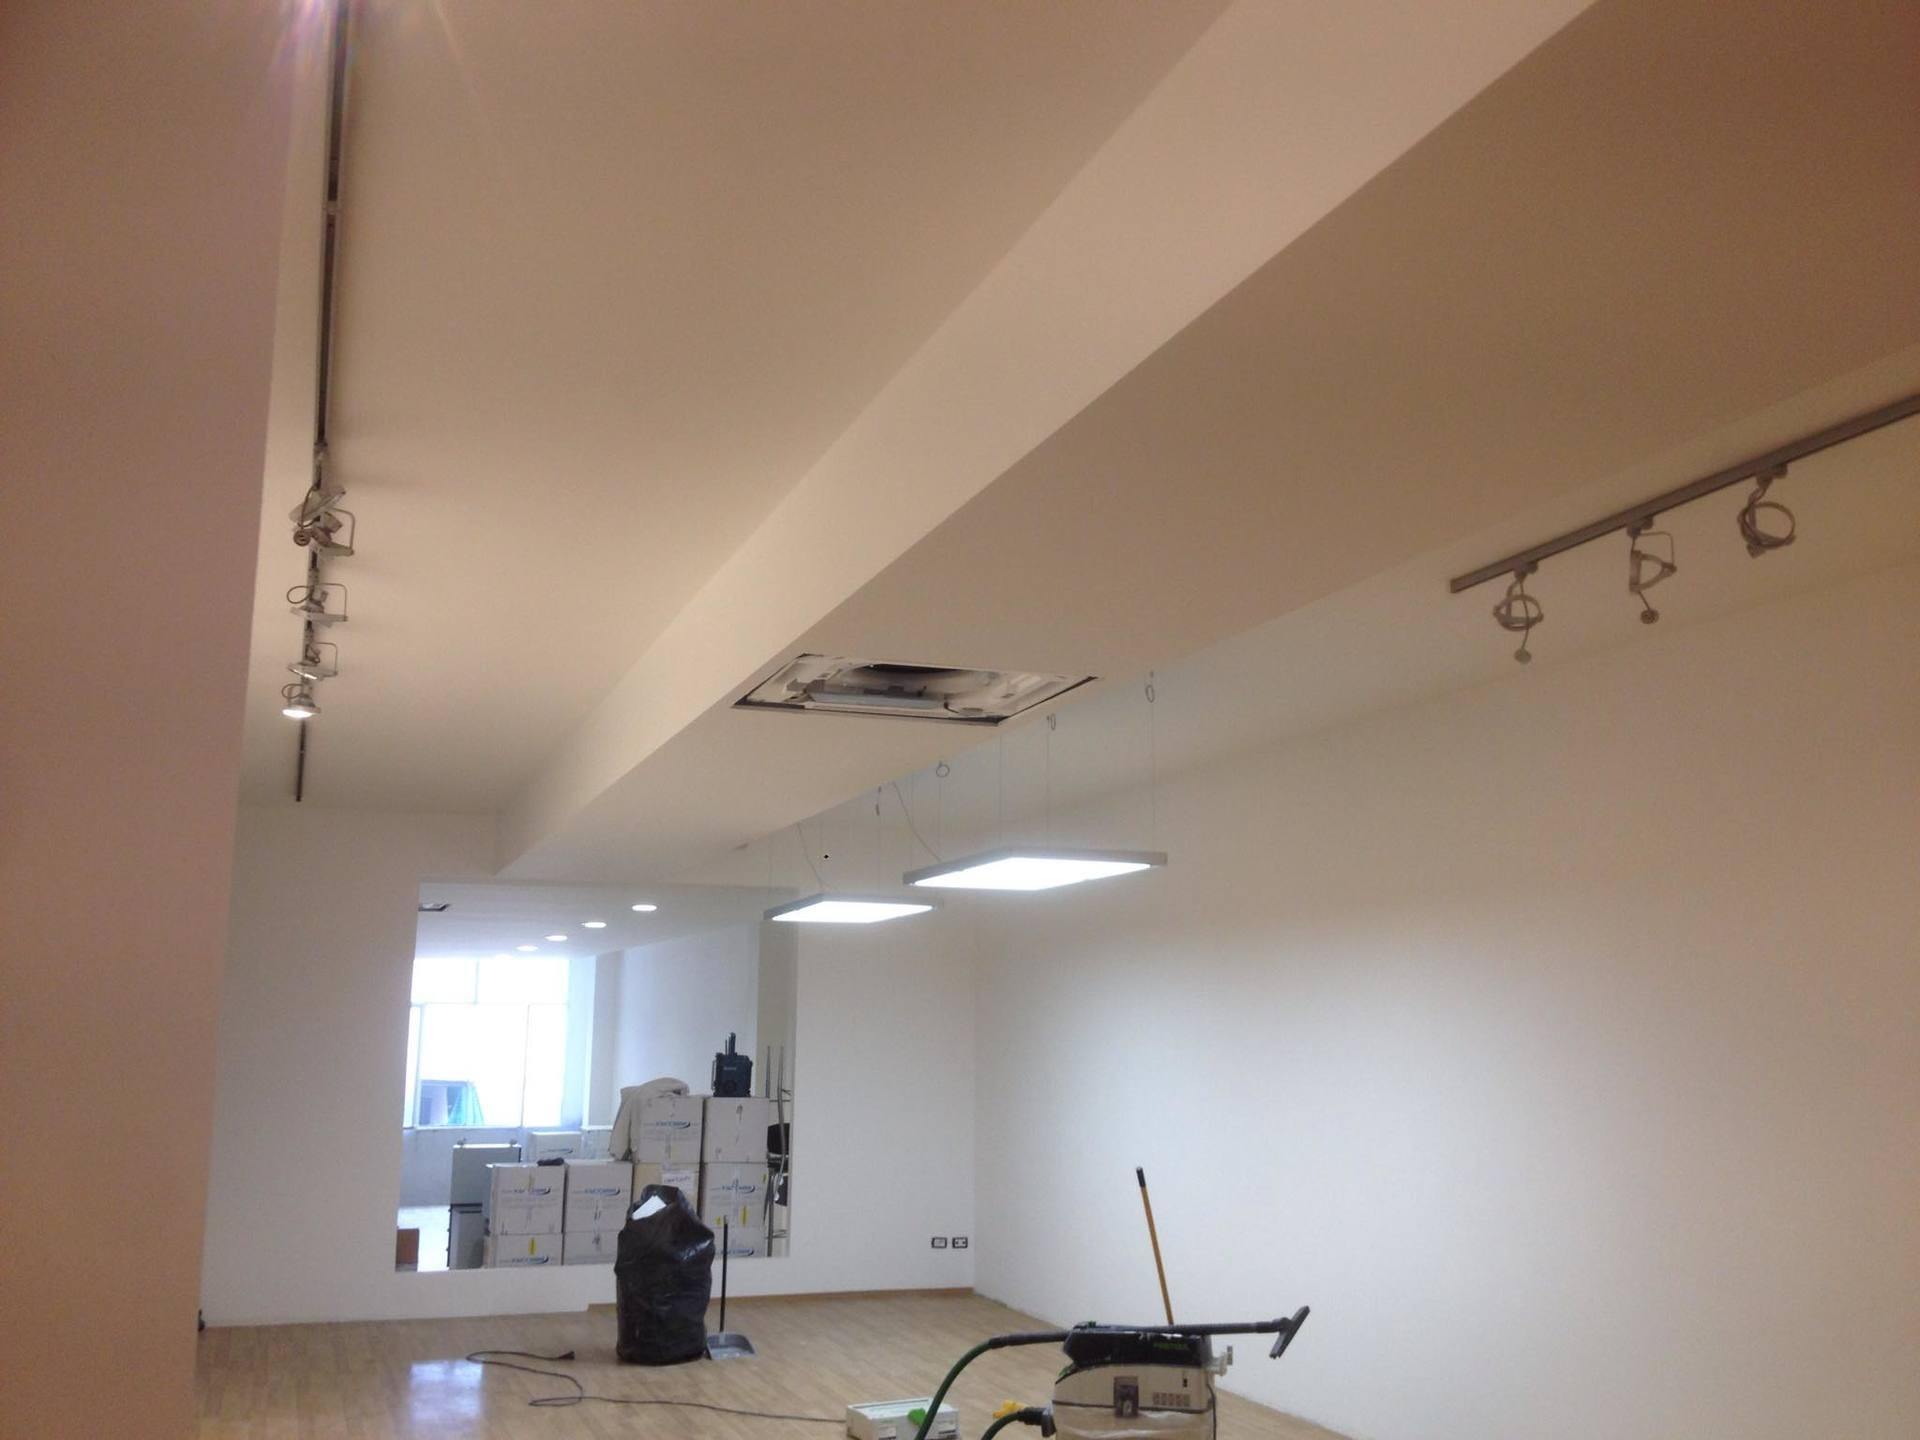 Locale con pavimento in legno,l buco nel tetto per successiva nuova sistemazione,guia elenco per installare le lampade ,un aspiratore e casse di cartone